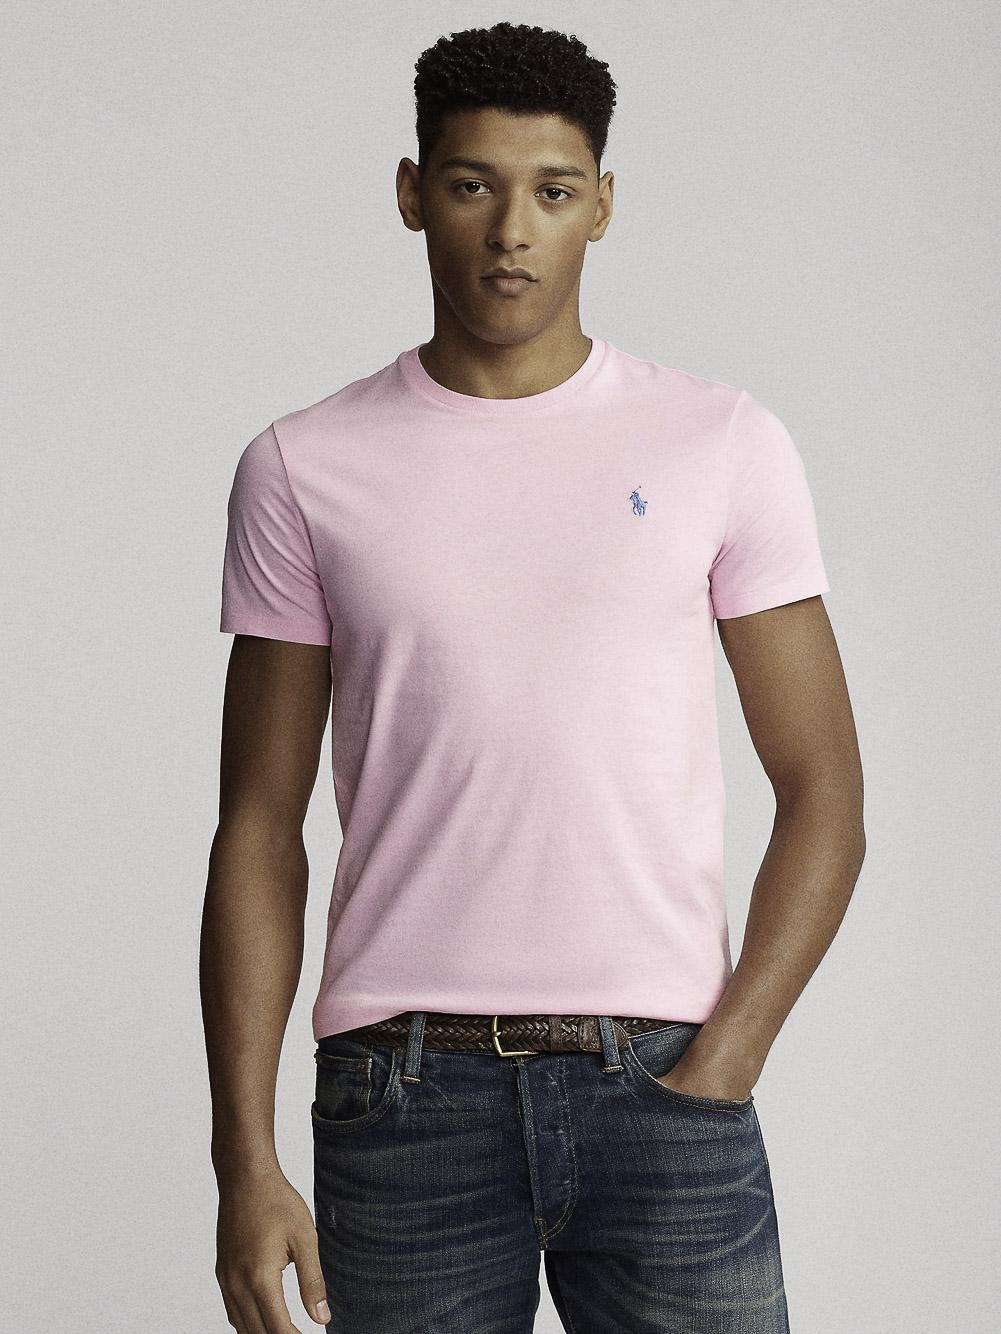 POLO RALPH LAUREN Μπλούζα T-Shirt 710671438145 ΡΟΖ